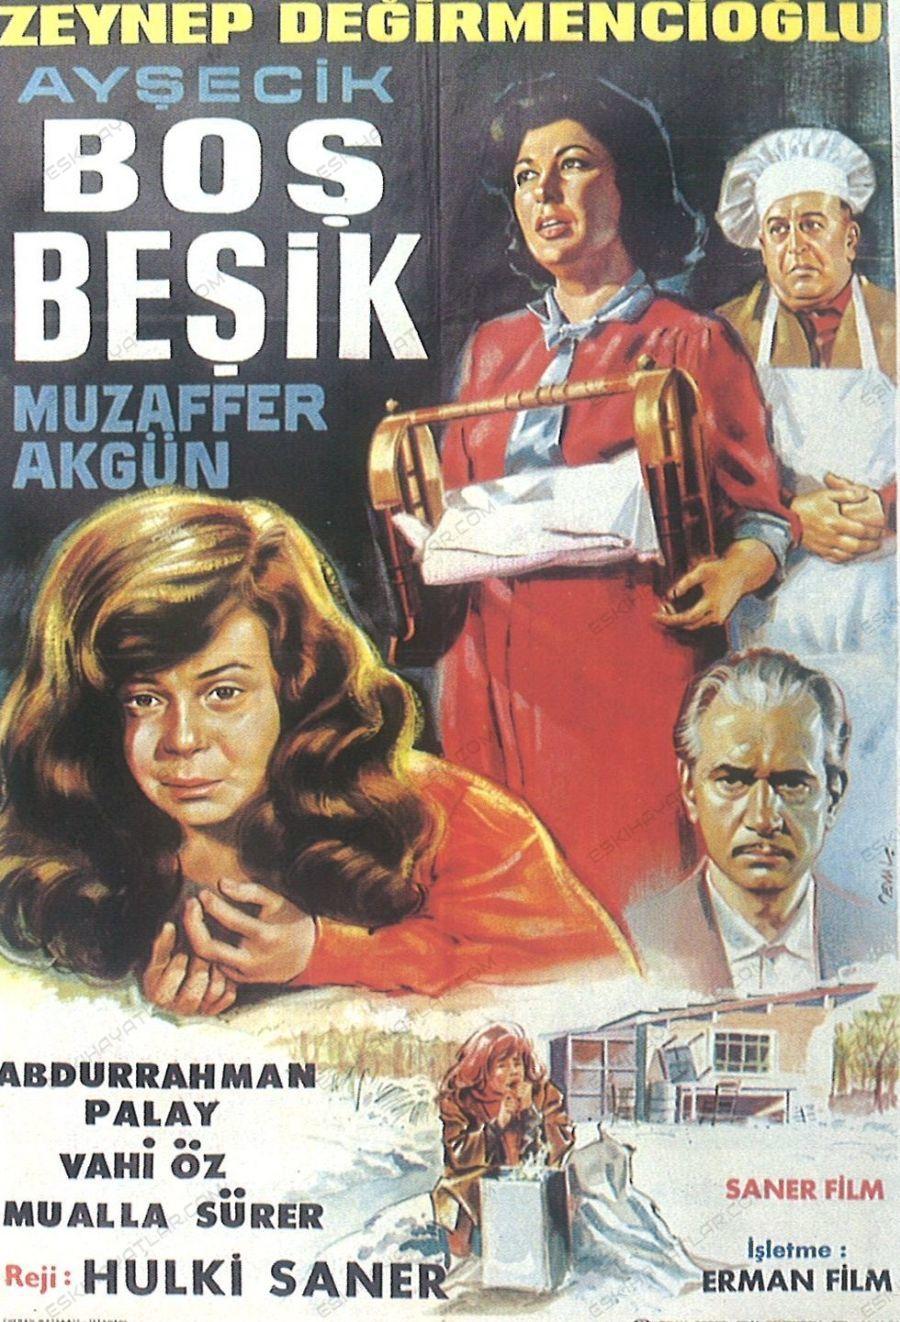 0219-aysecik-zeynep-degirmencioglu-fotograflari-1961-artist-dergisi-kayip-kiz-leyla (0)